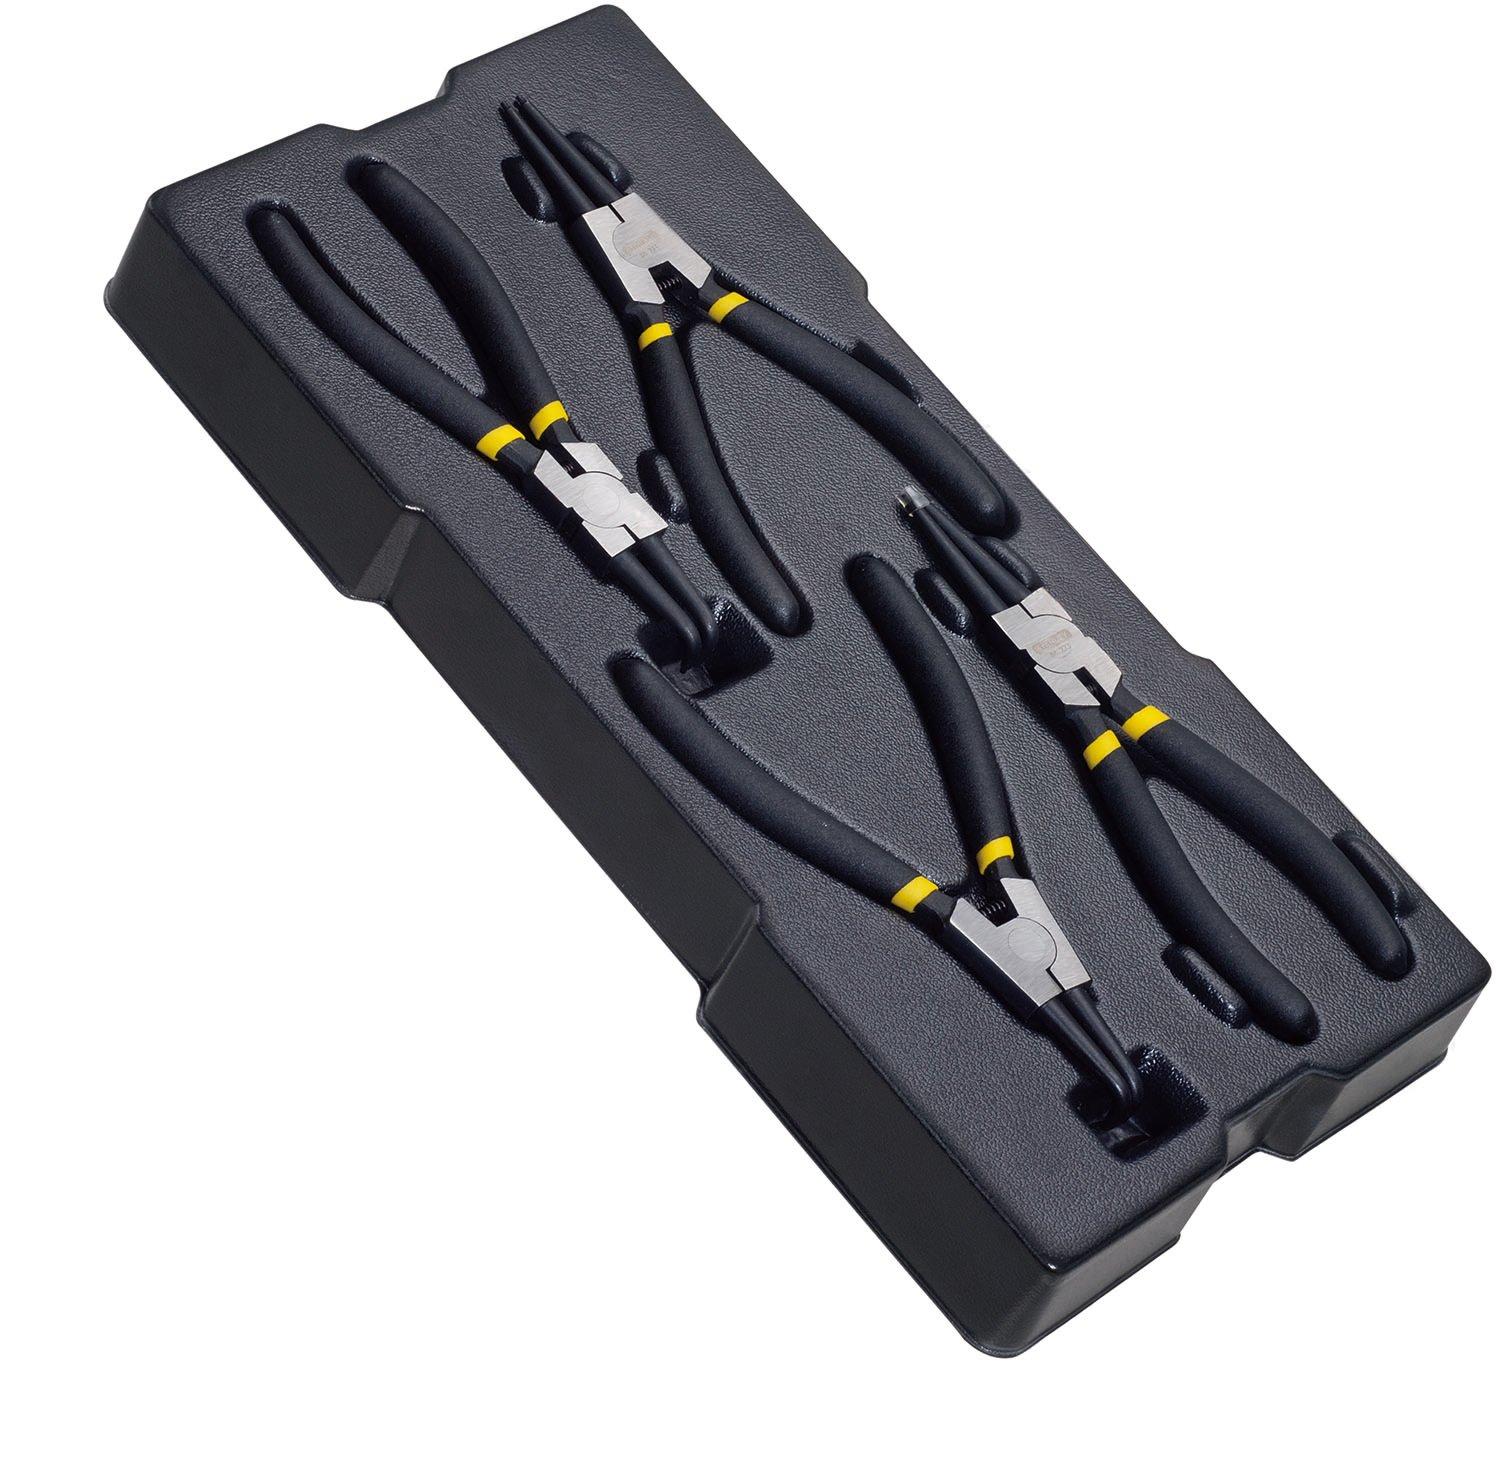 Stanley - Juego de alicates para anillos de seguridad, sistema TransModul, unidad con 4 piezas, STMT1-74180: Amazon.es: Bricolaje y herramientas